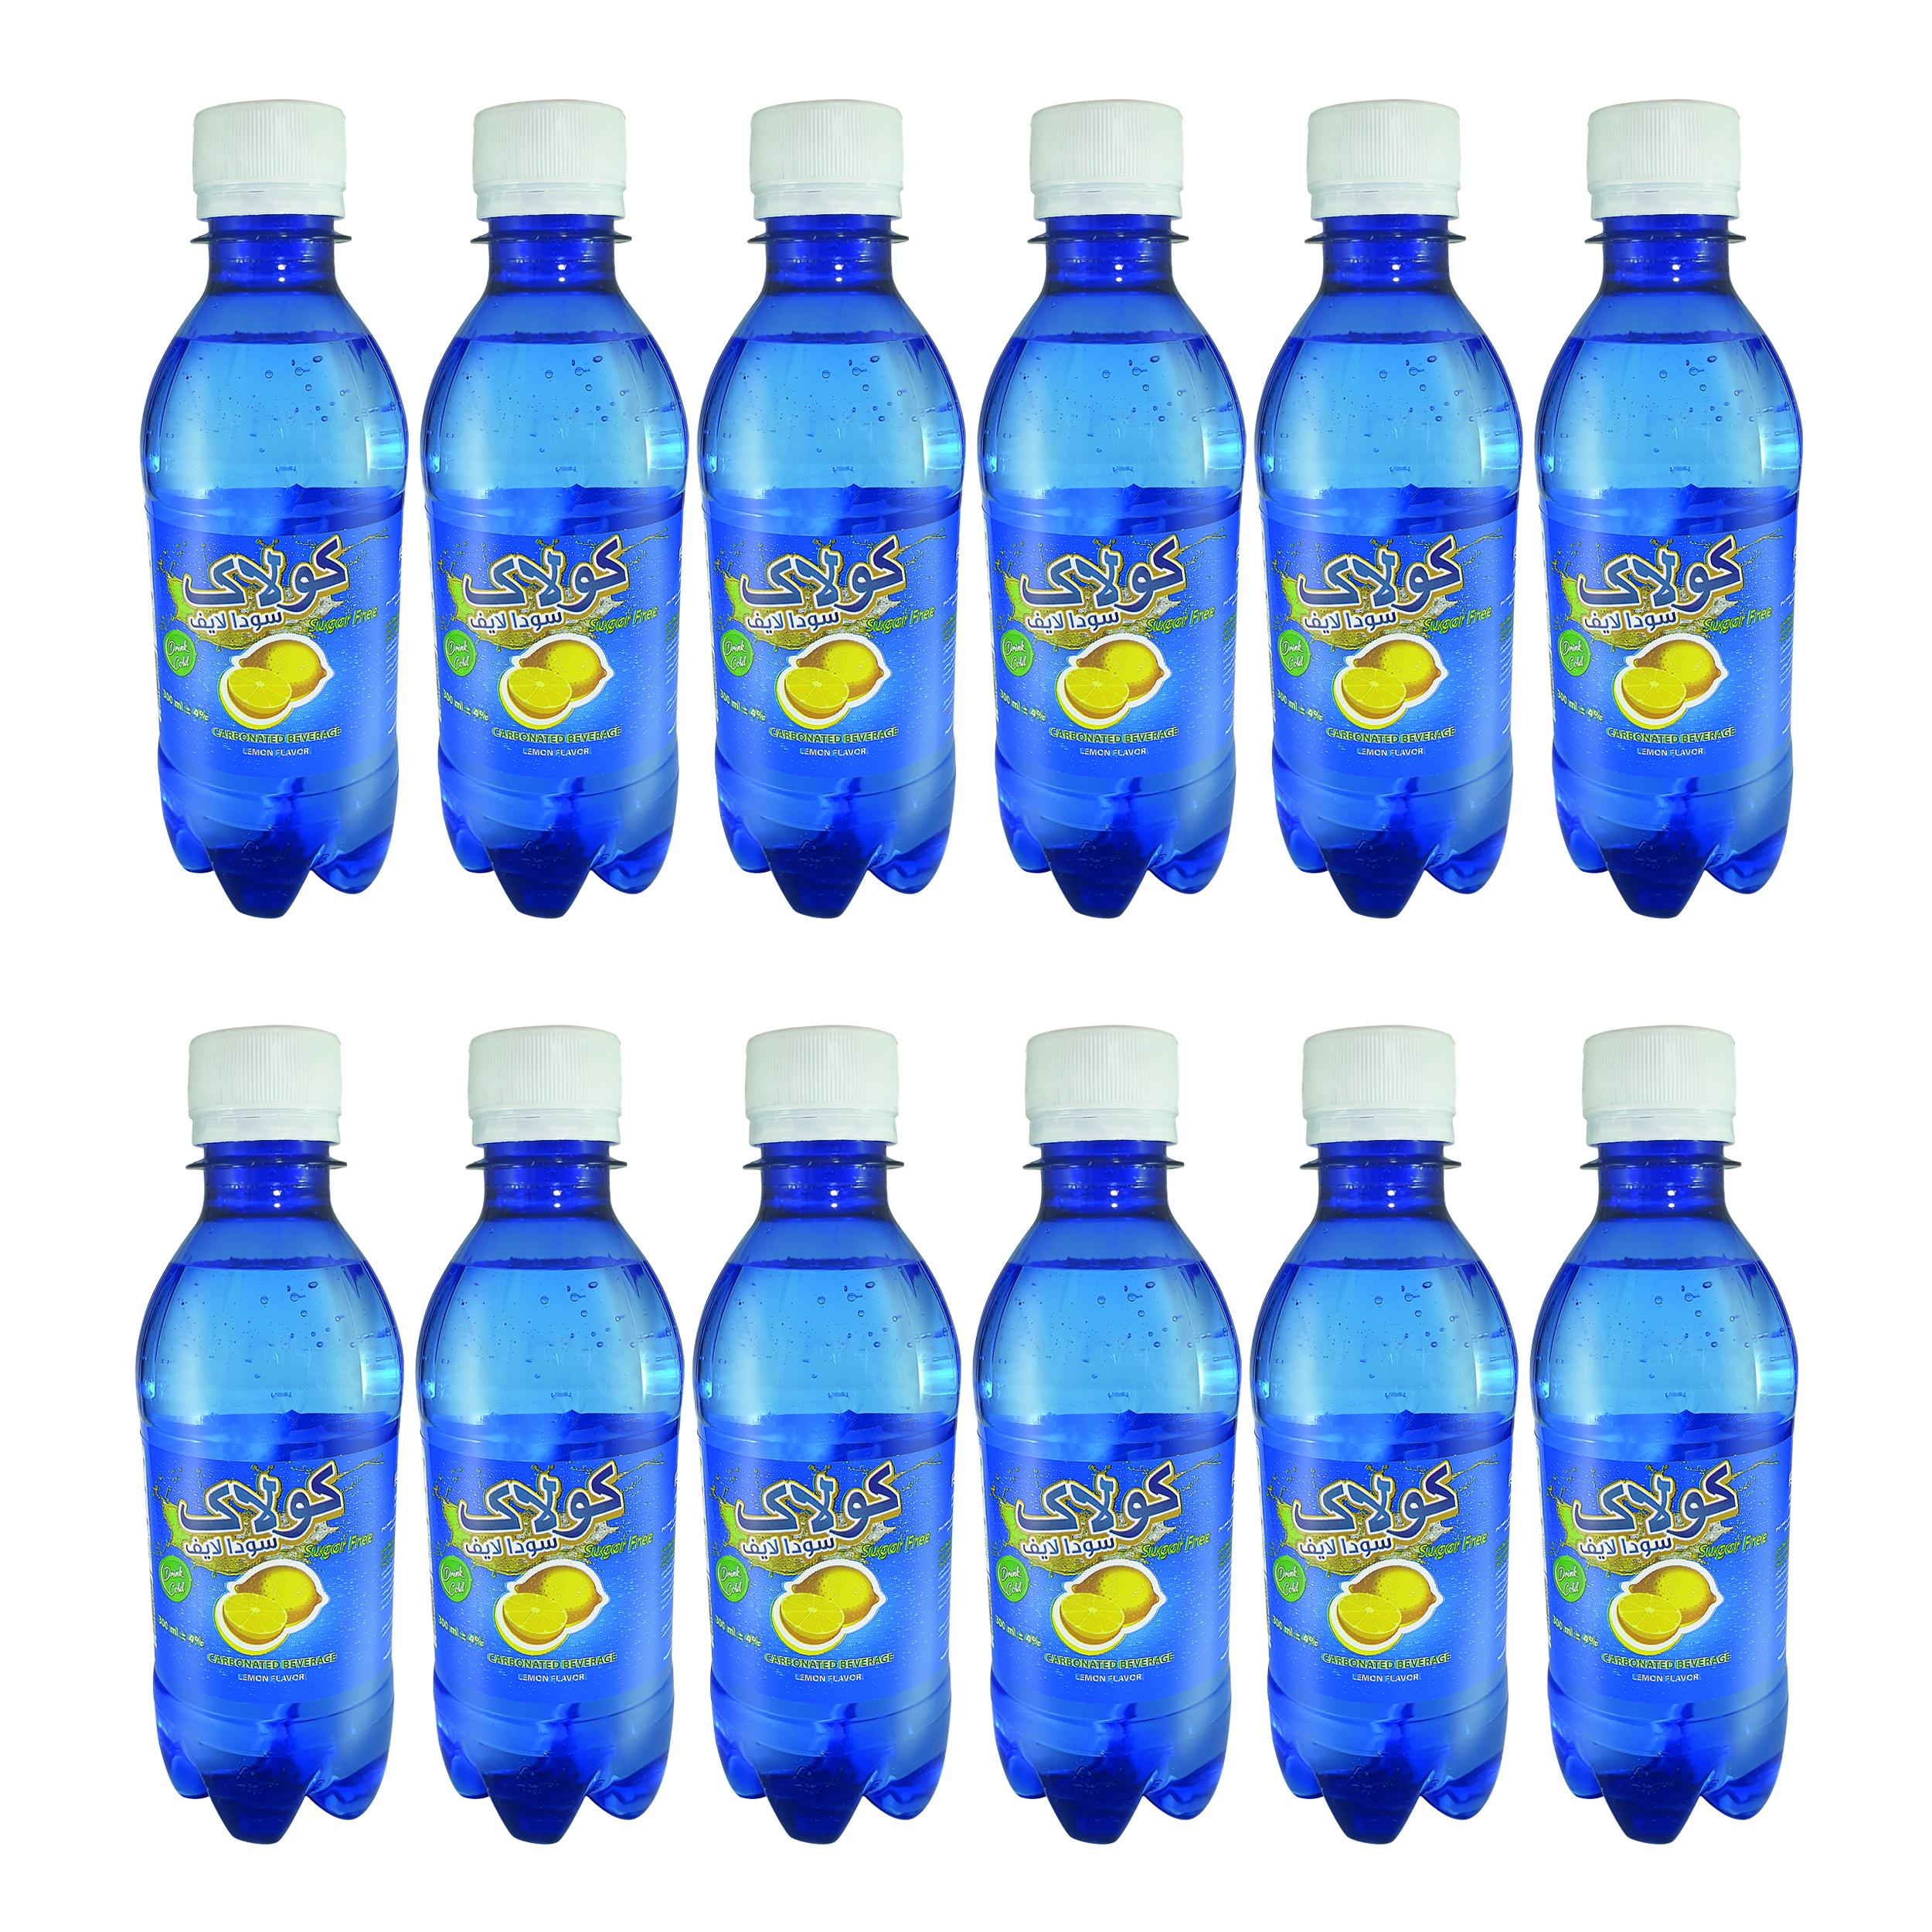 نوشیدنی سودا لیمویی کولاک - 0.3 لیتر بسته 12 عددی